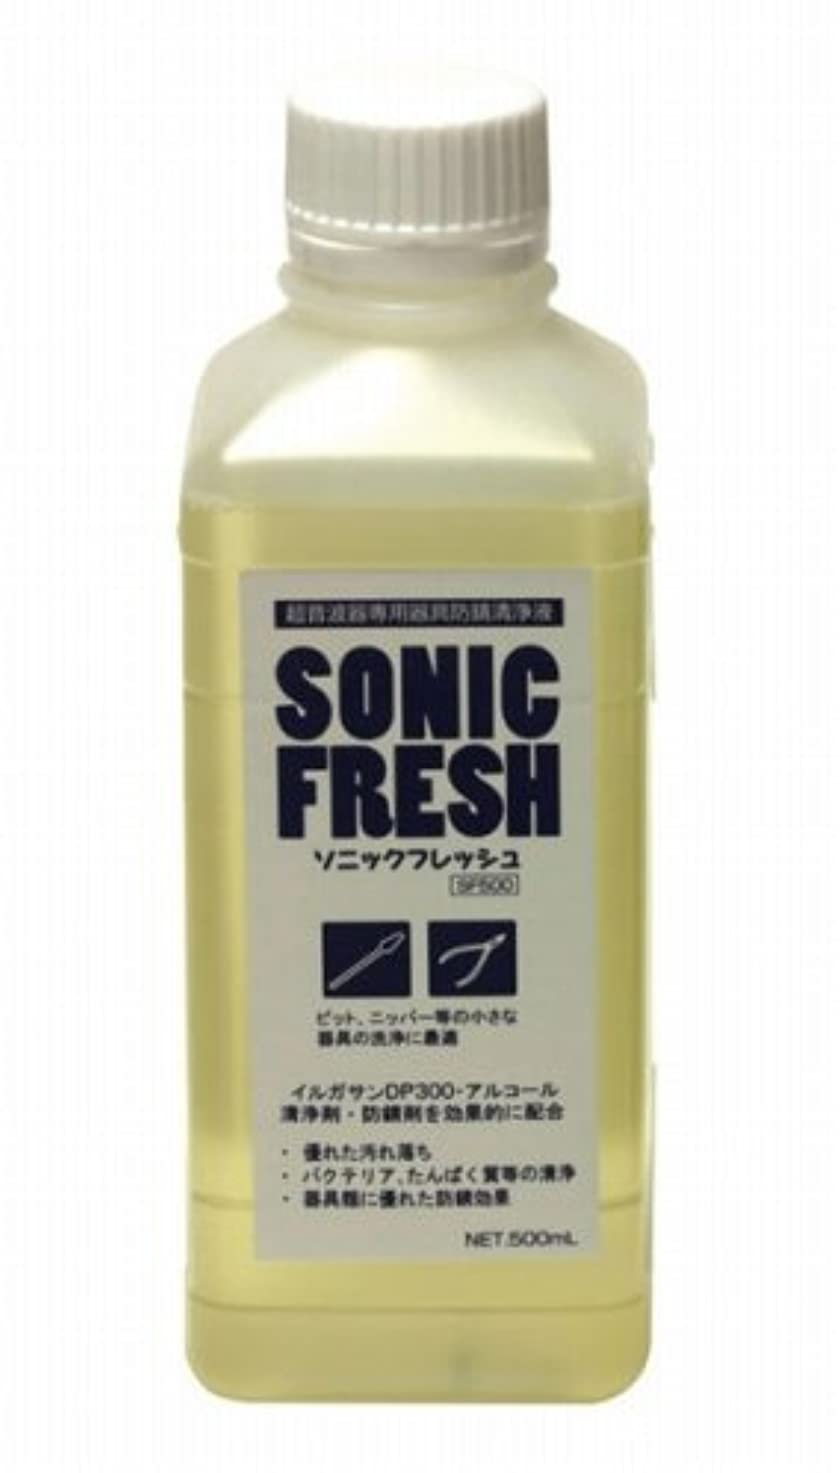 スカリーメンター投資防錆洗浄液 ソニックフレッシュ SF500